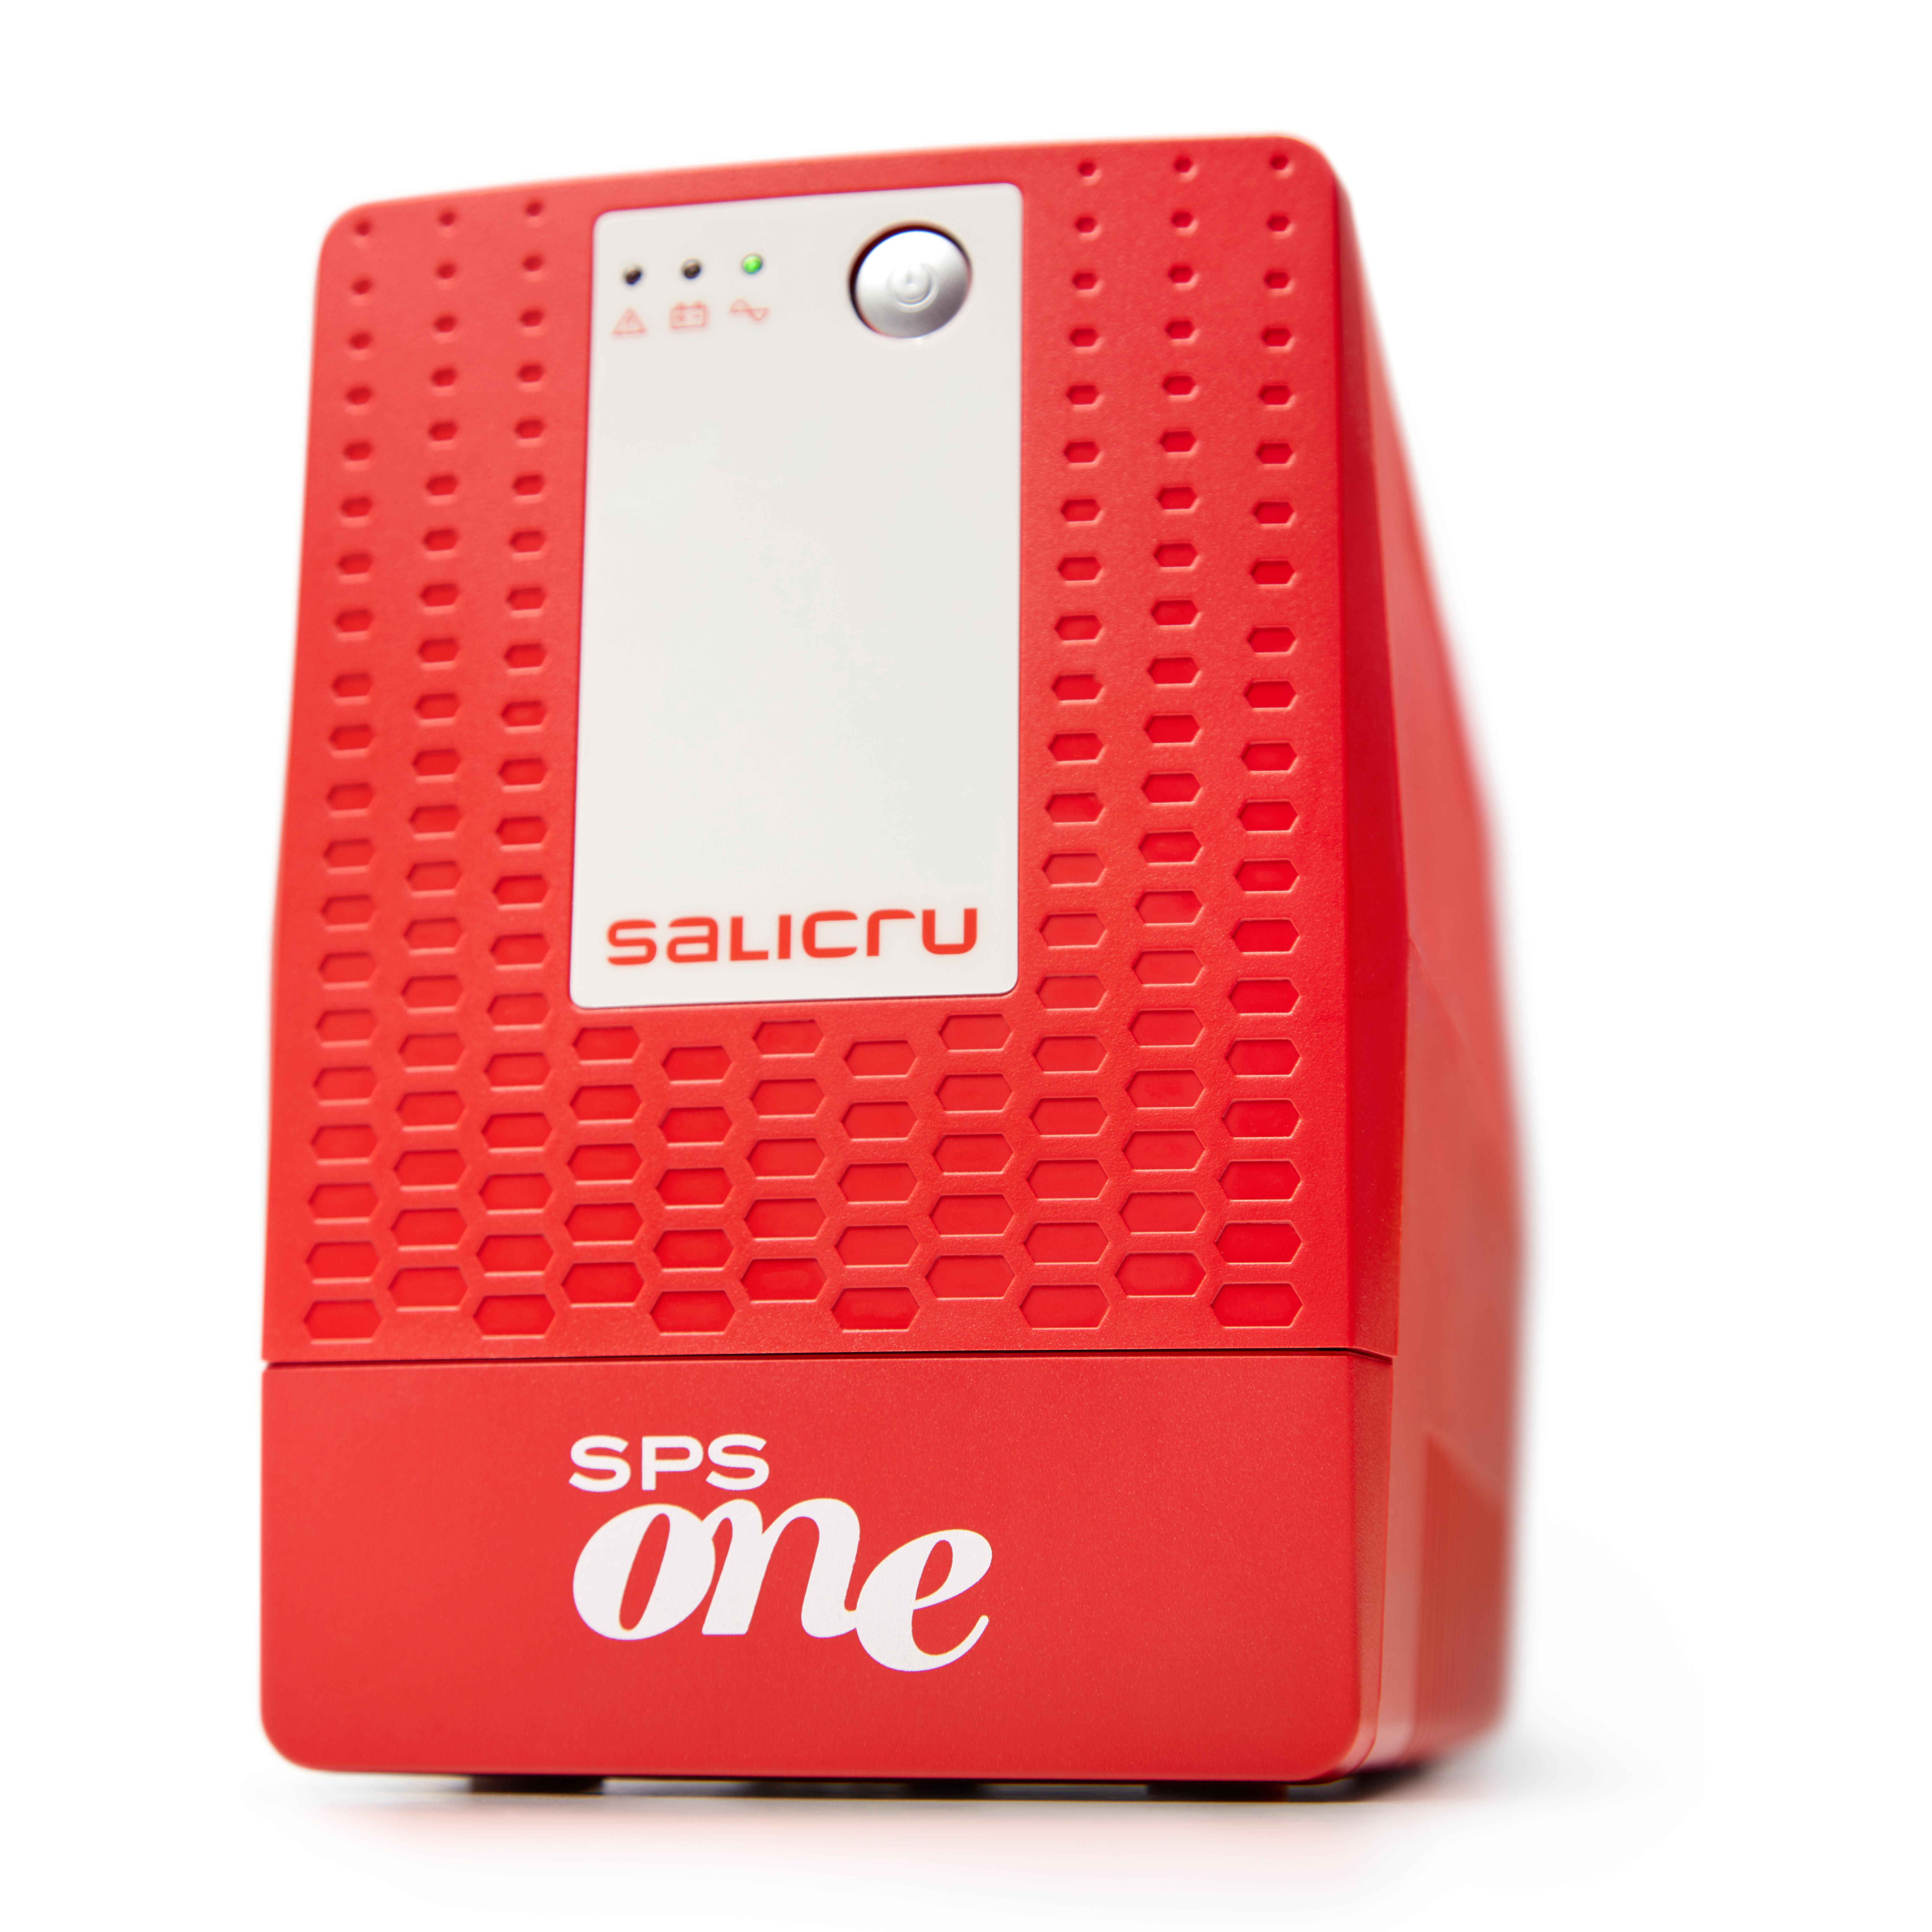 SALICRU SPS 1100 ONE - Line-Interaktiv - 1100 VA - 600 W - Sine - 162 V - 290 V